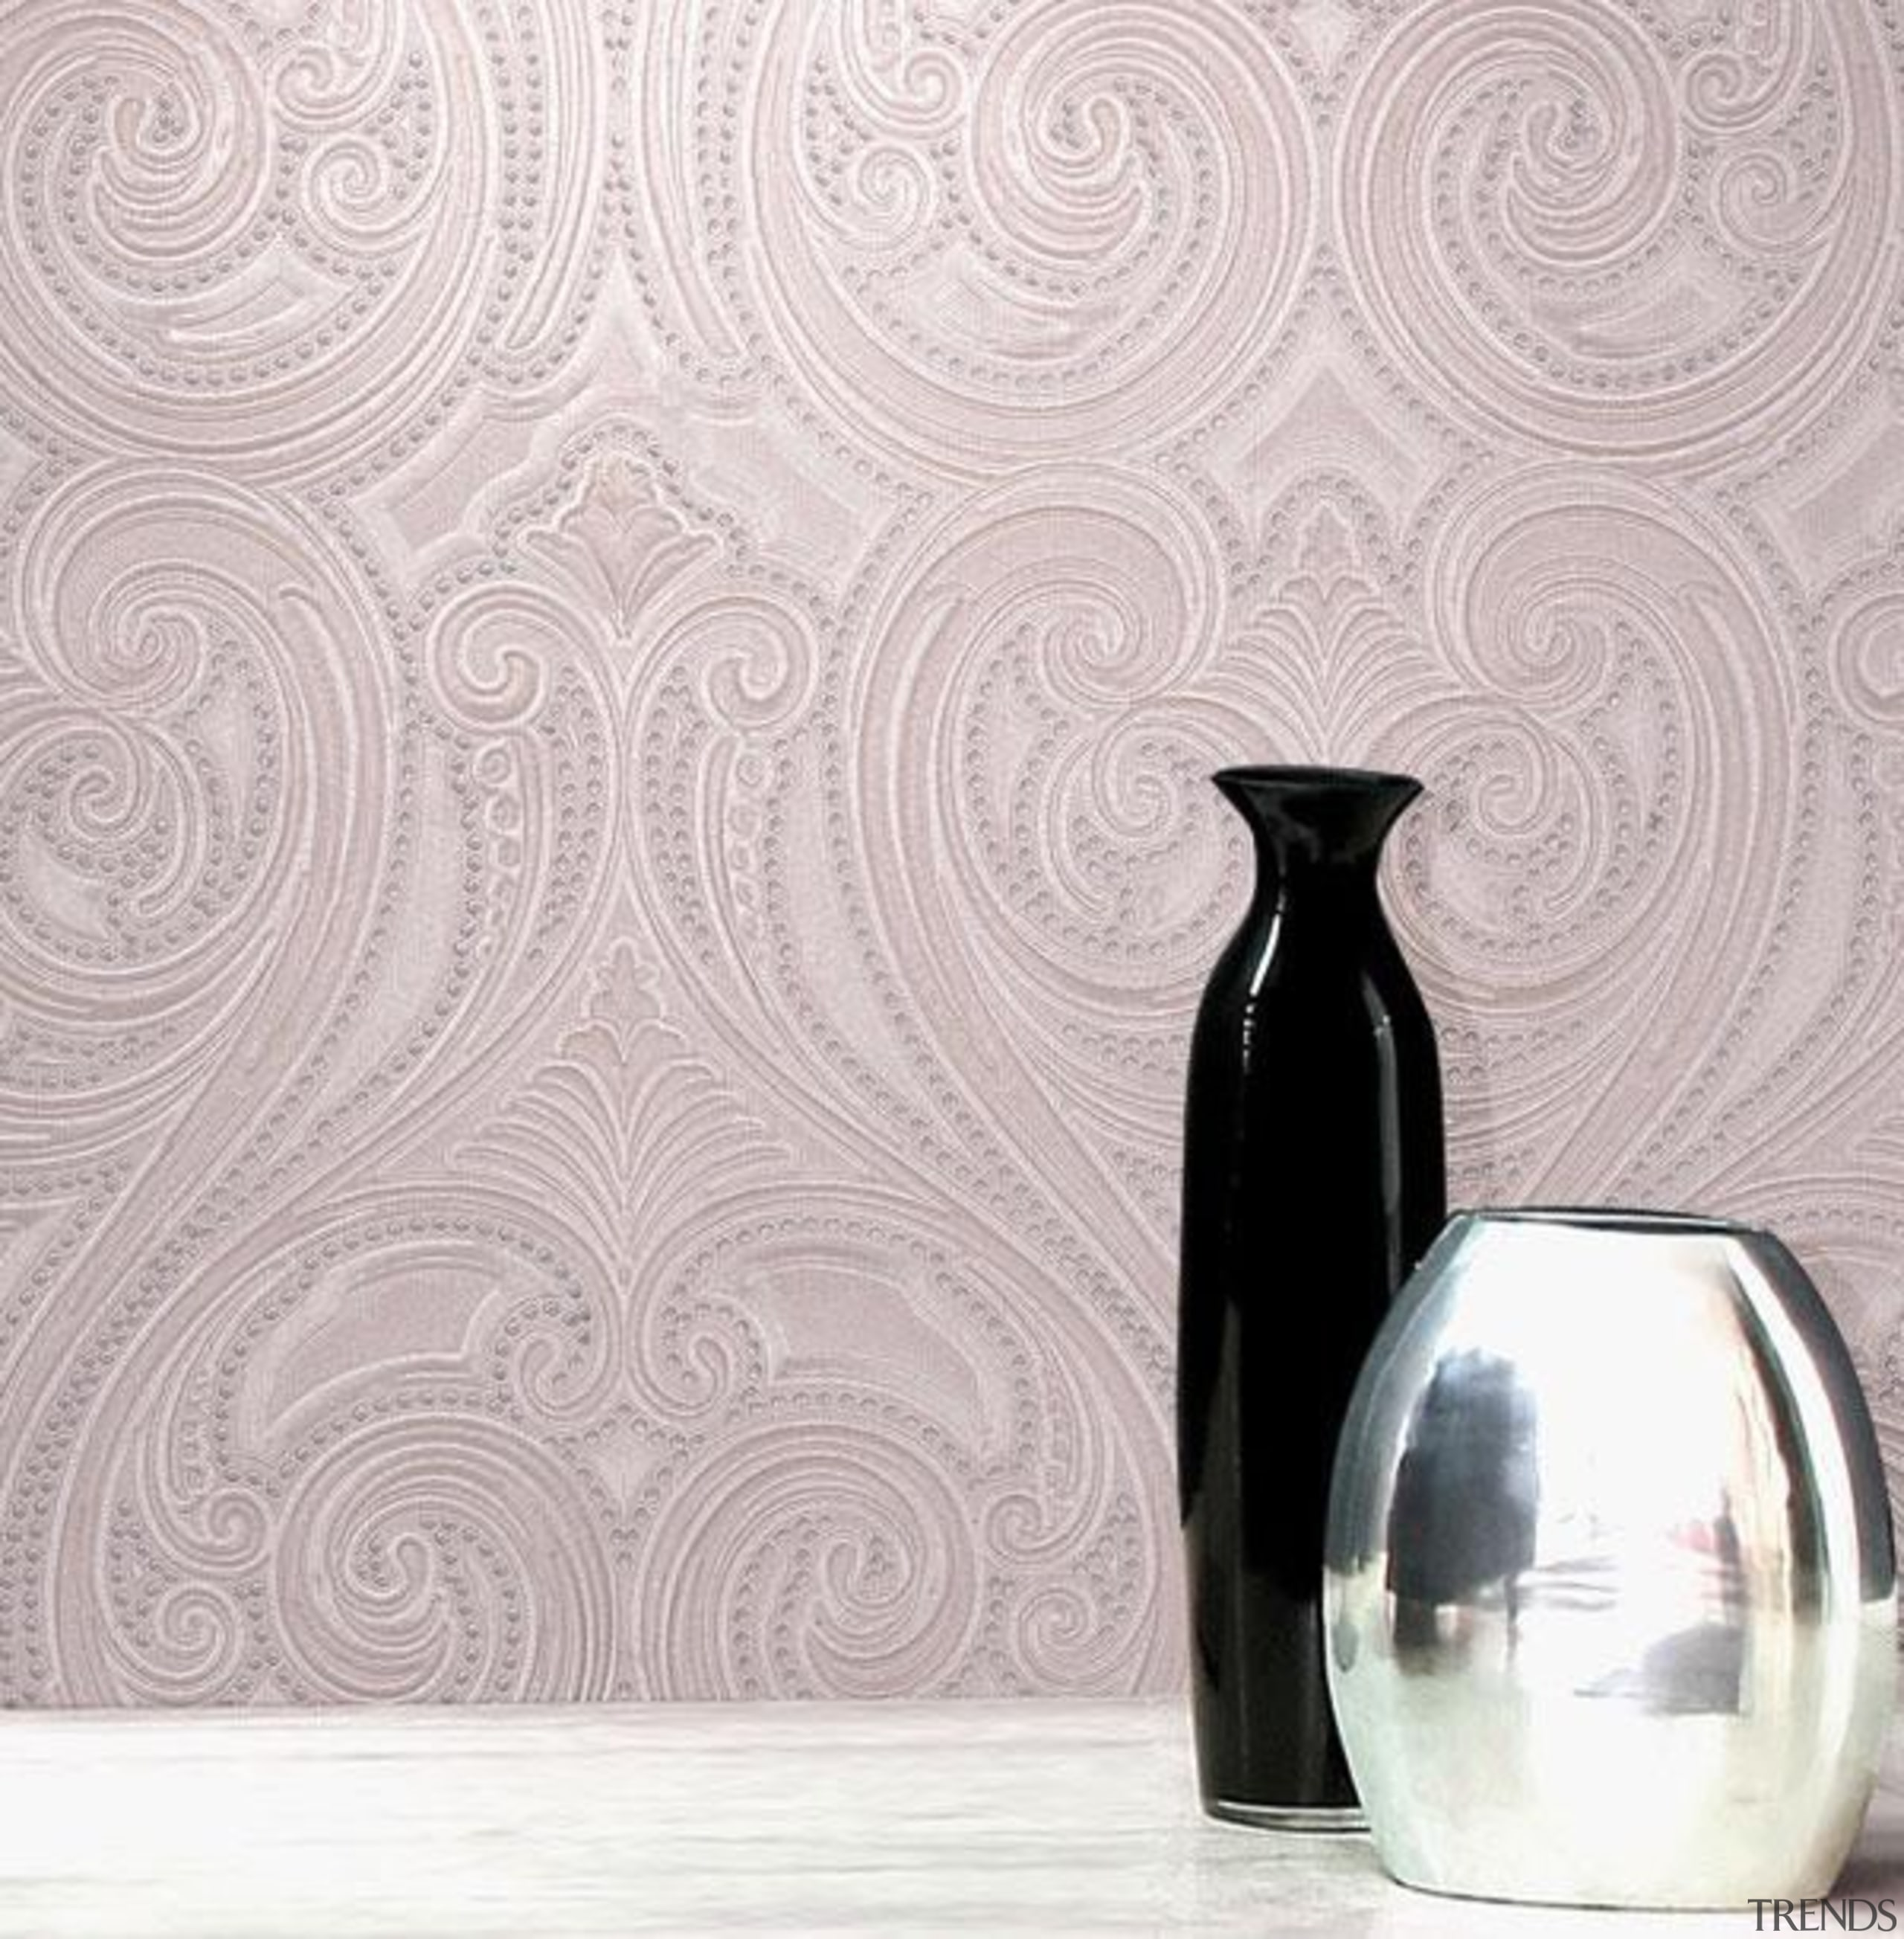 Carillon Range - Carillon Range - ceramic | ceramic, product design, still life photography, vase, wallpaper, gray